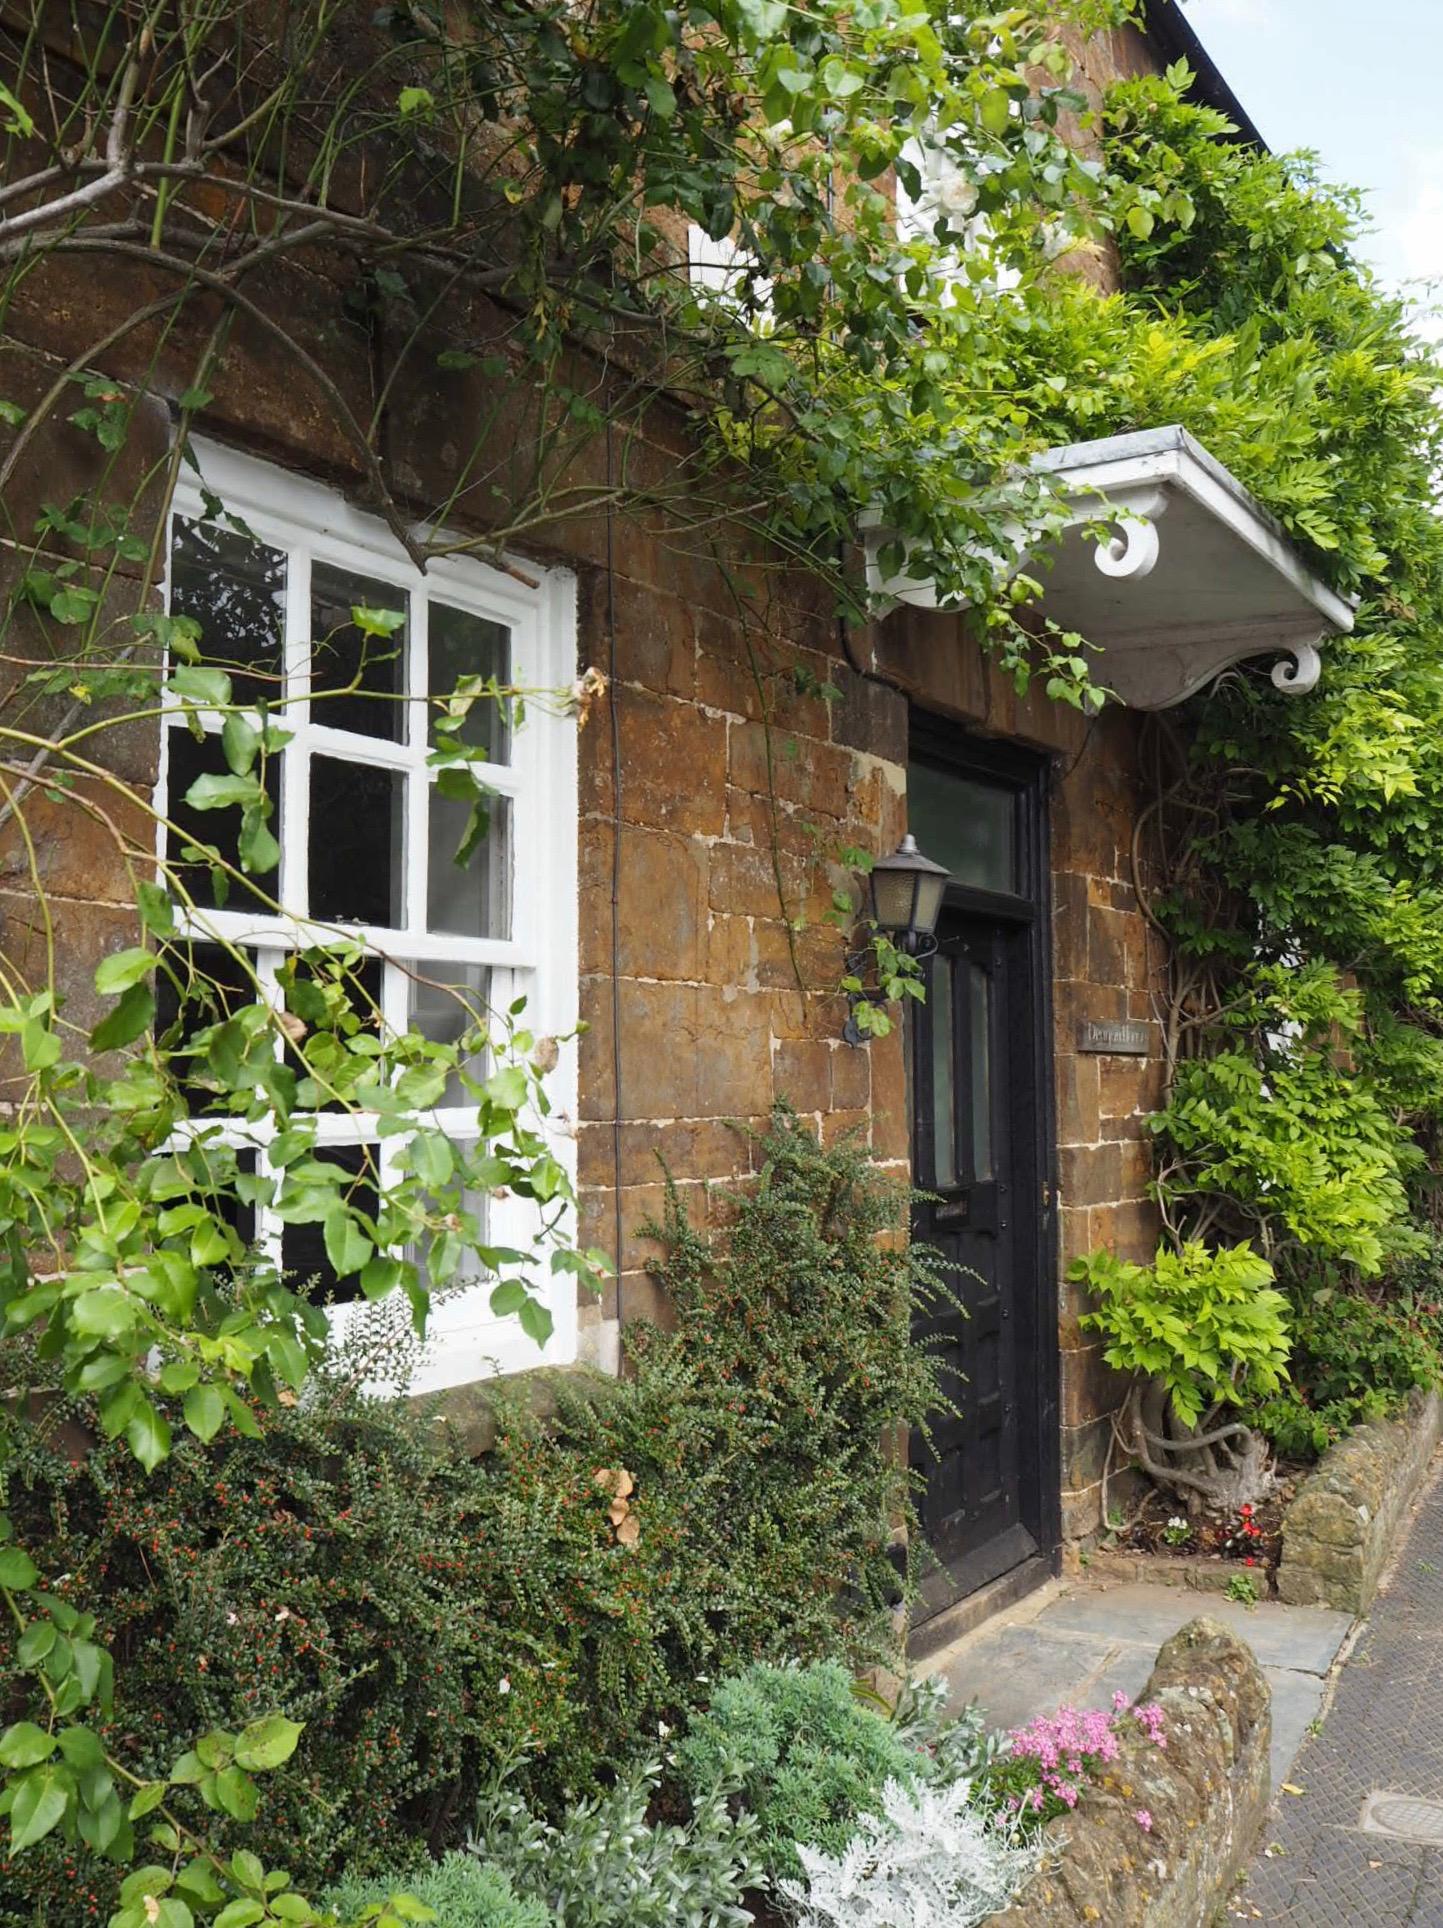 A typical doorway in Deddington.